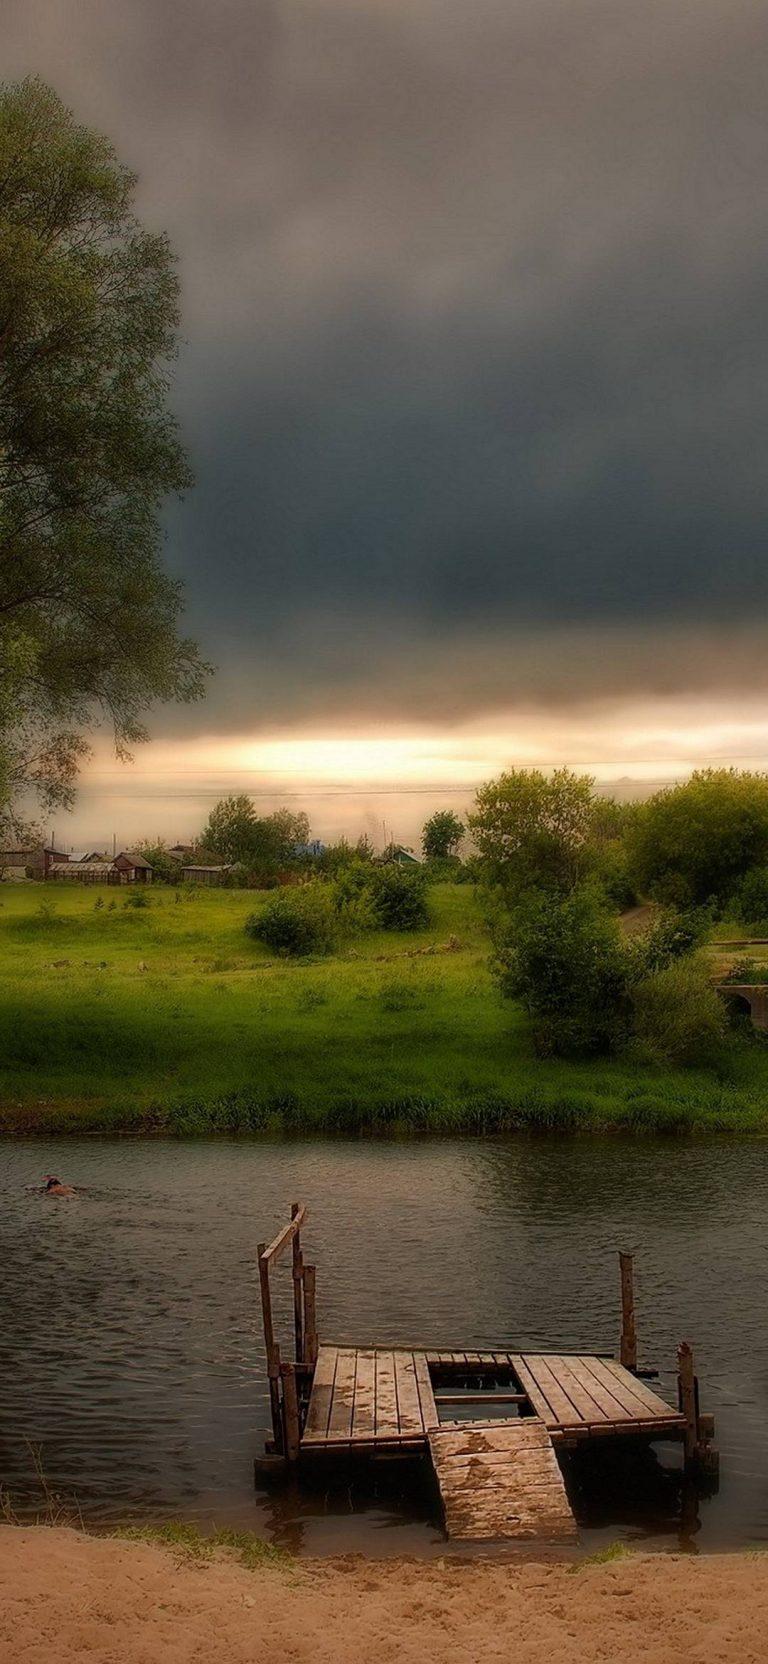 River Sun Grass 1080x2340 768x1664